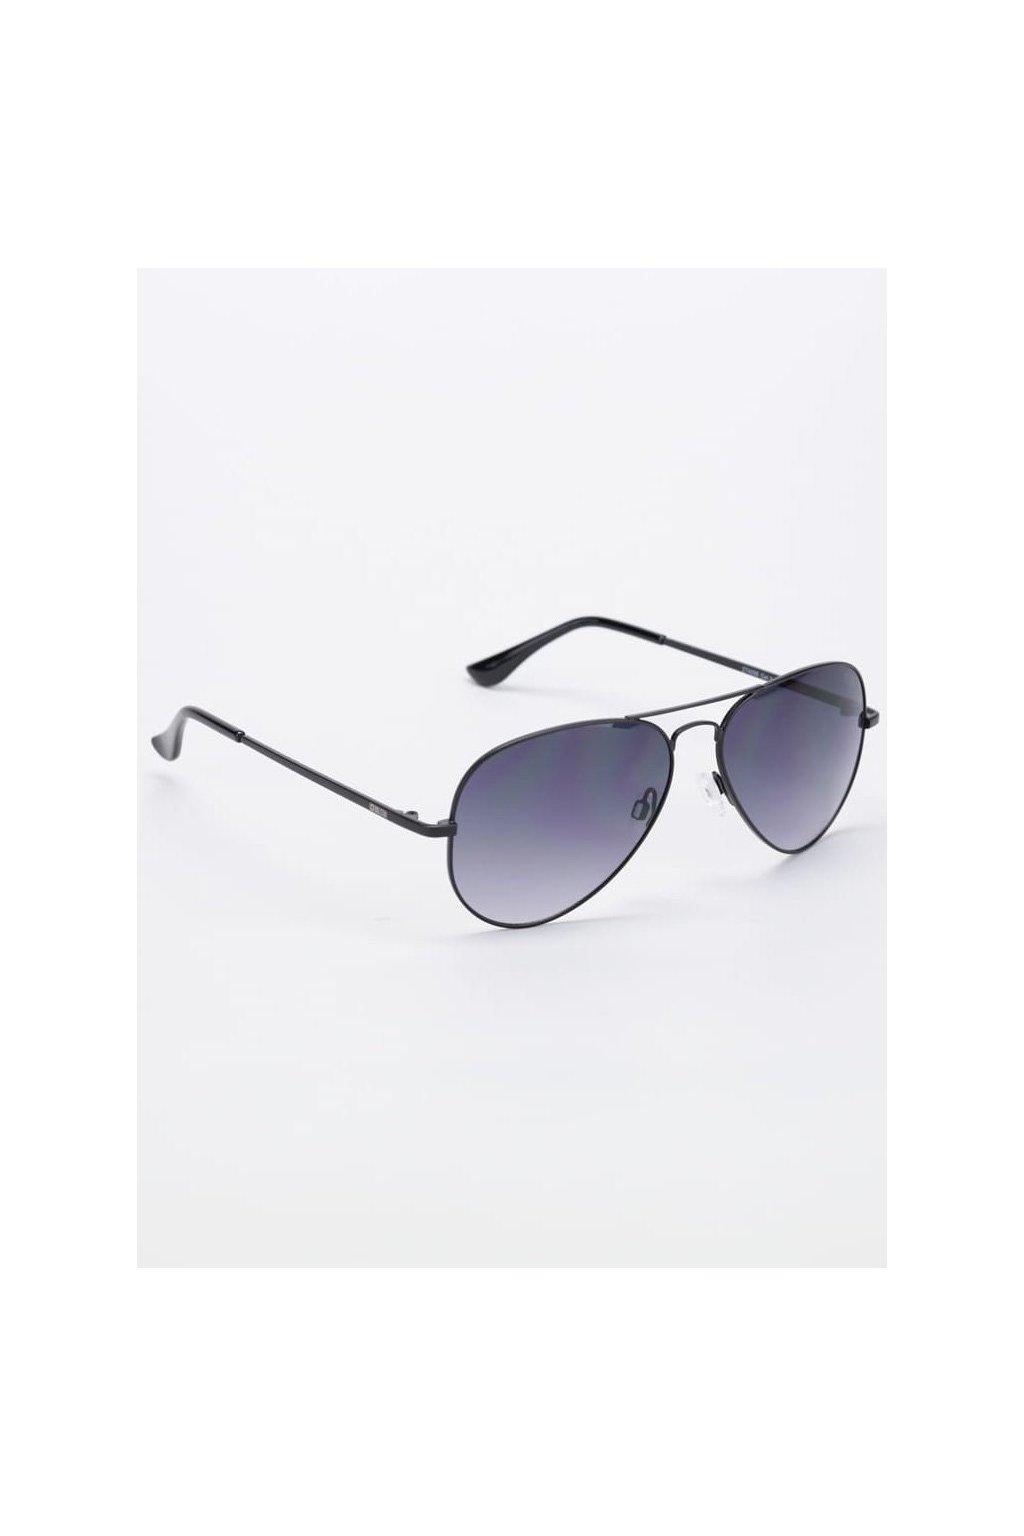 Módne slnečné okuliare BS Z74056